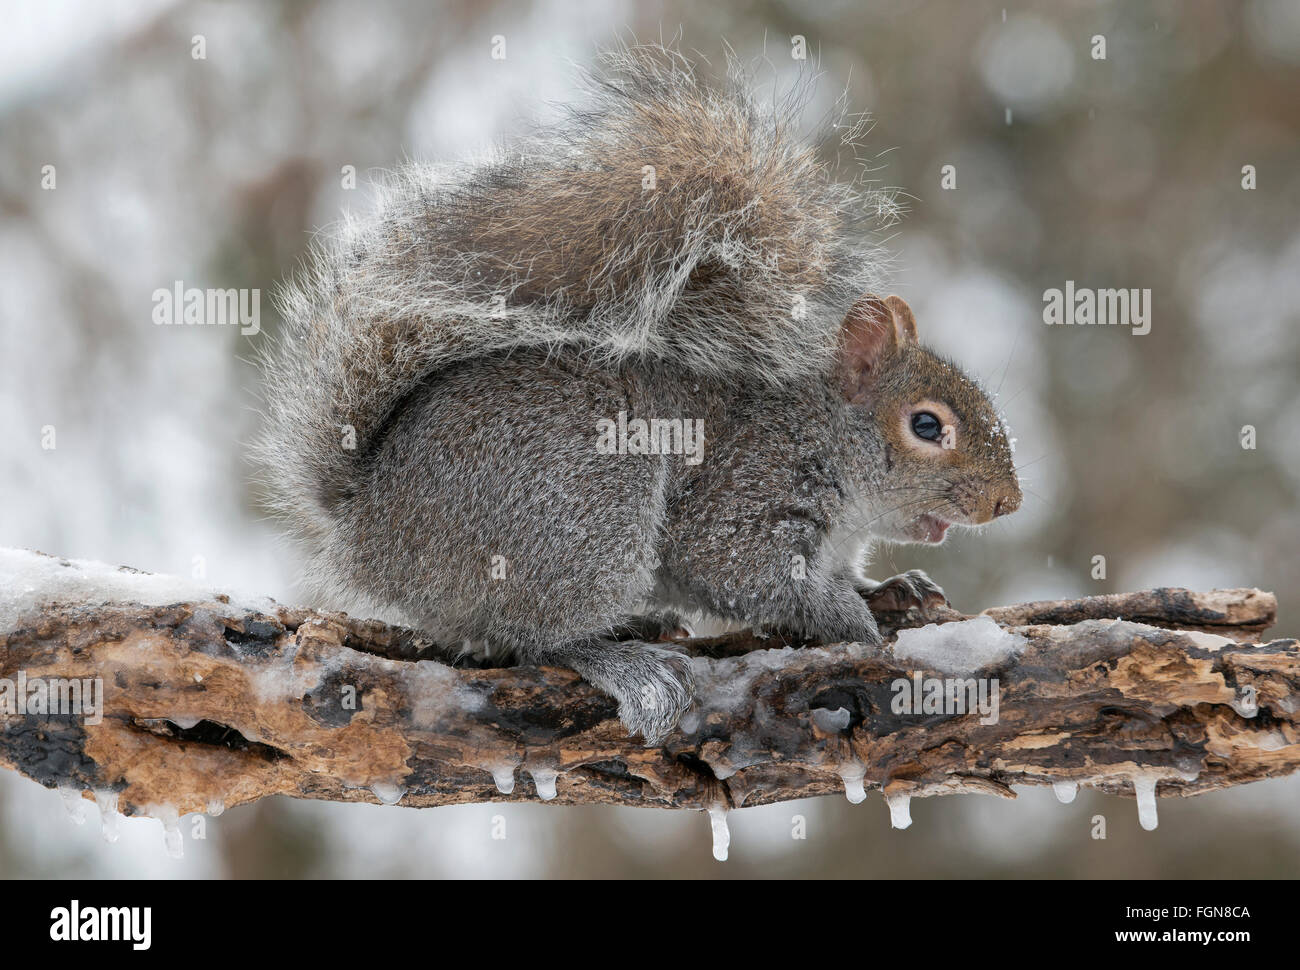 L'Écureuil gris (Sciurus carolinensis) à la recherche de nourriture après la tempête de Photo Stock